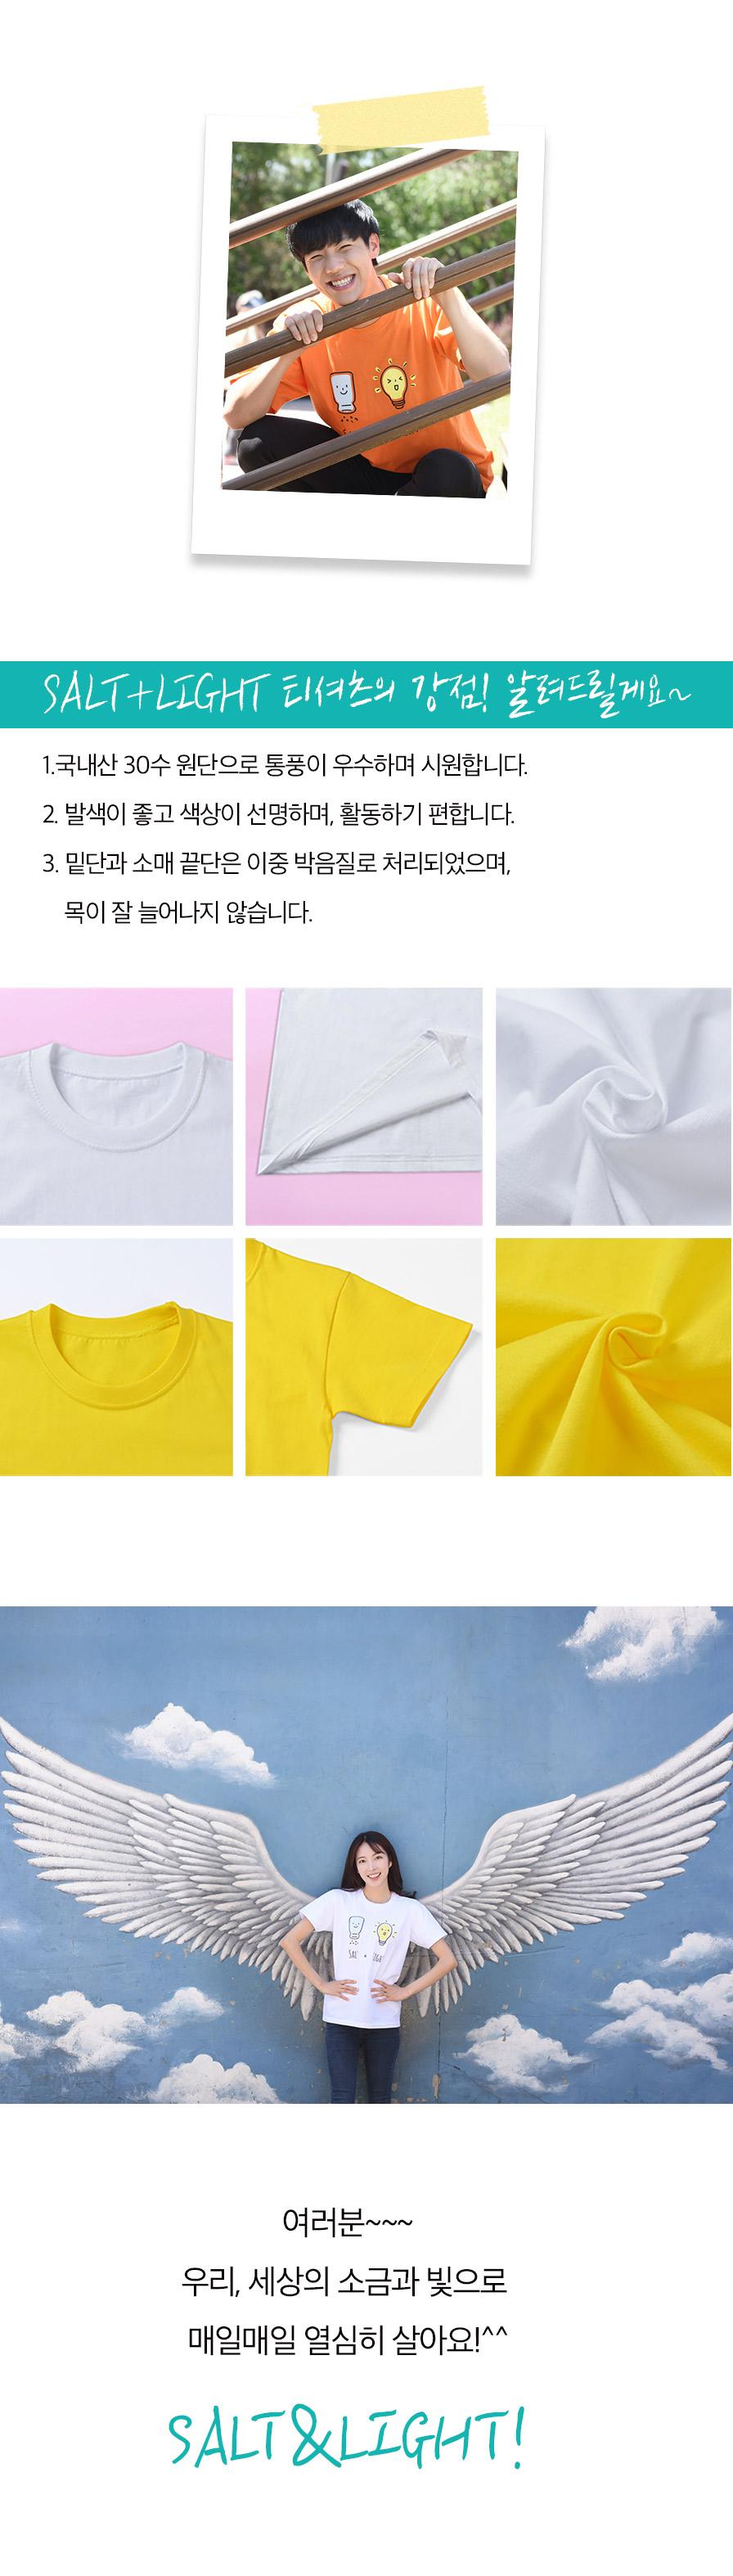 티셔츠 Salt & Light 소금과빛 성인용 강점